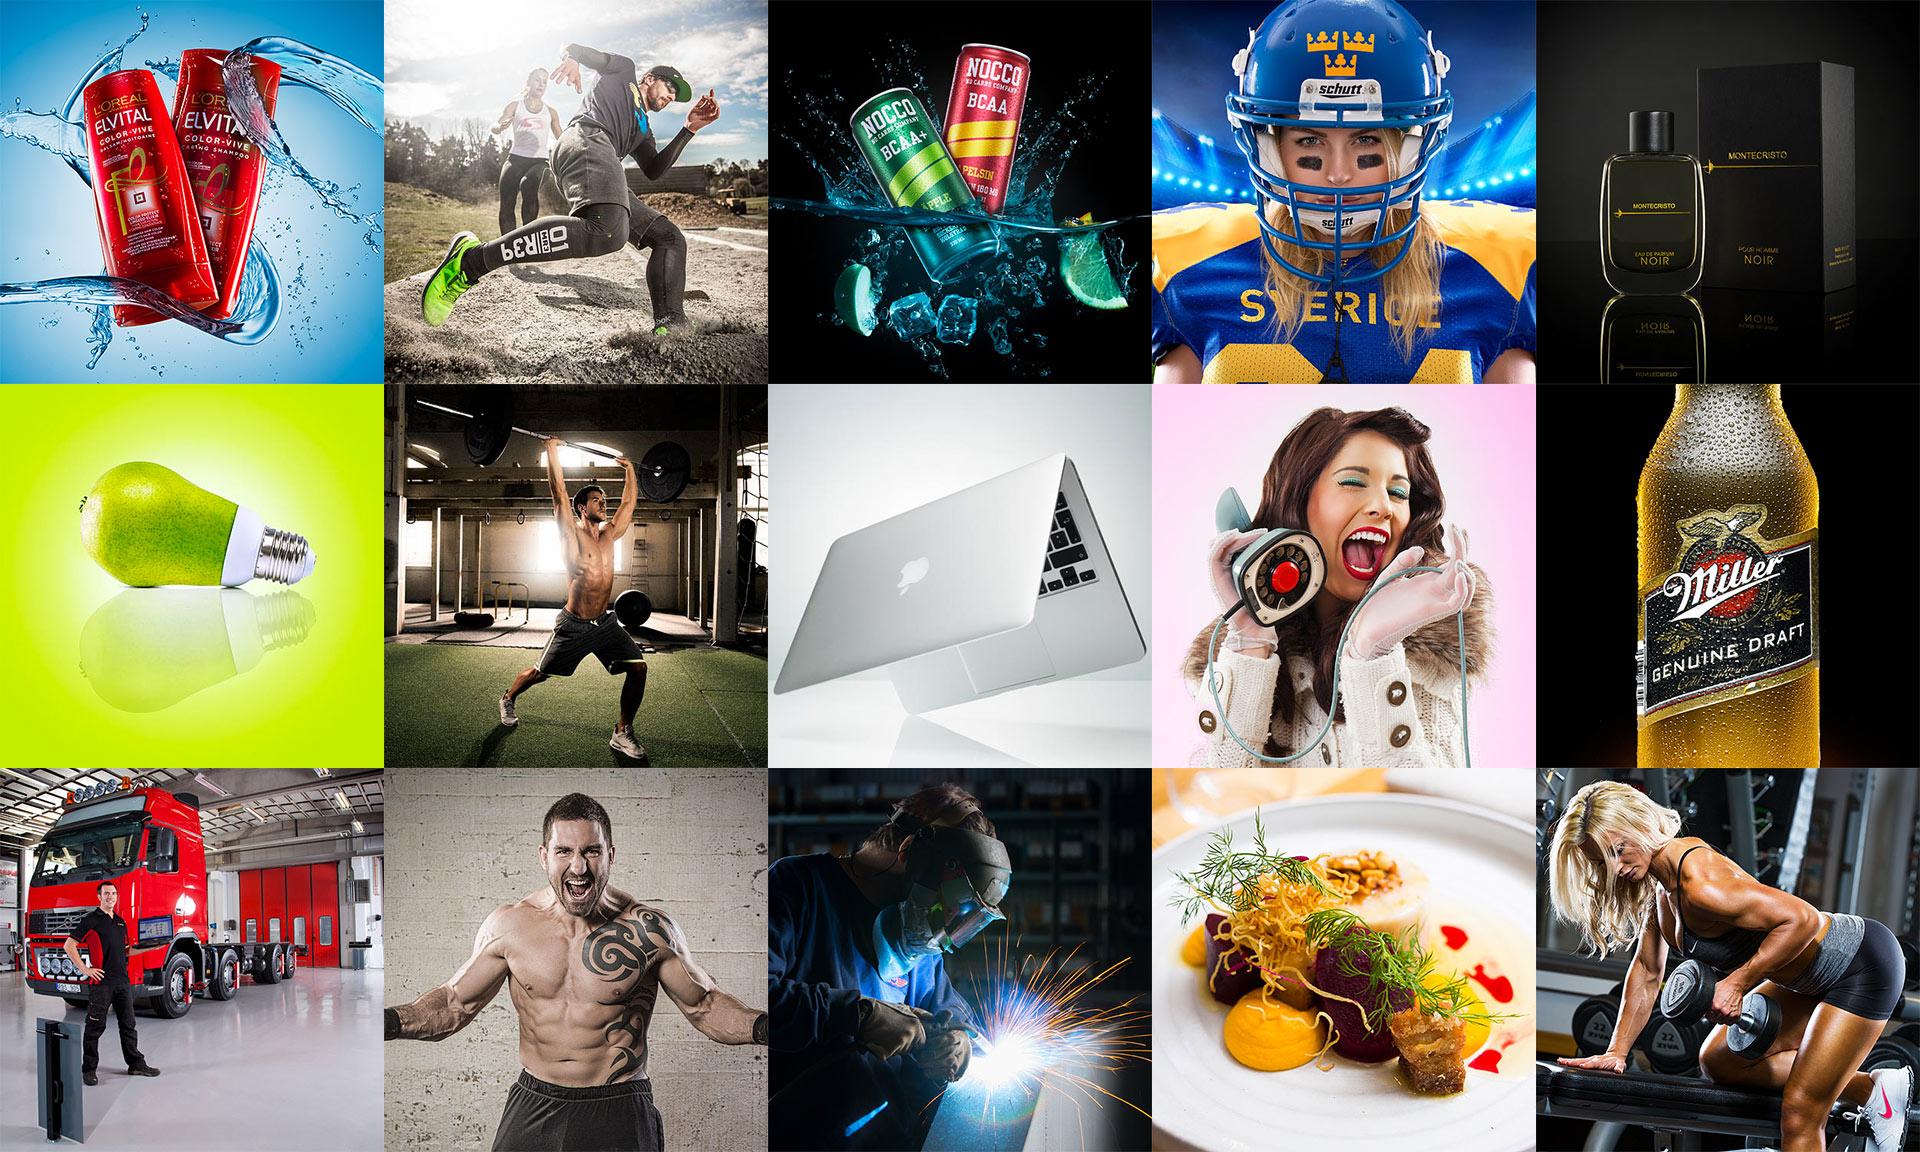 Fotograf i Örebro - Markus P. Fokus på företag, reklam, porträtt, mat & dryck, fitness och produktfoto.